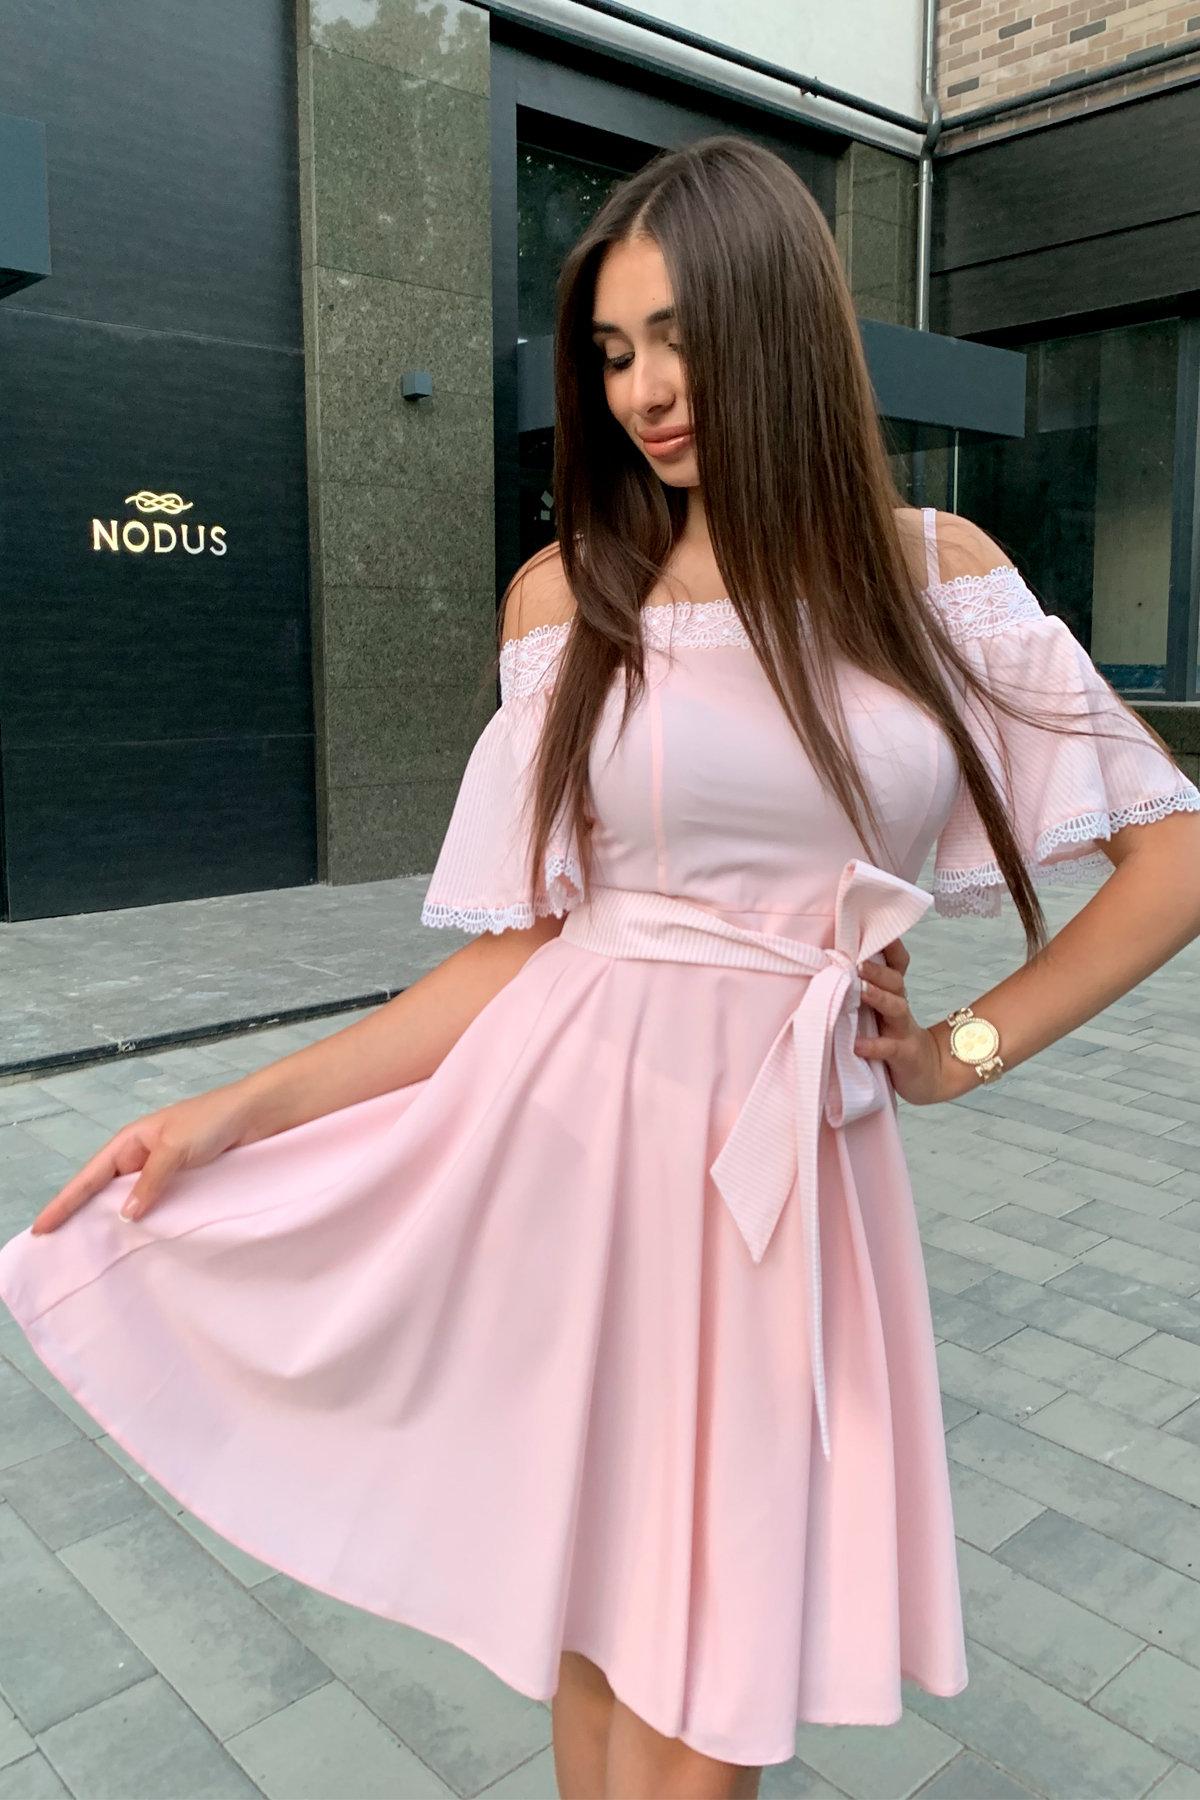 Платье Виолетта 4984 АРТ. 36124 Цвет: Пудра/молоко полоска 1 - фото 3, интернет магазин tm-modus.ru